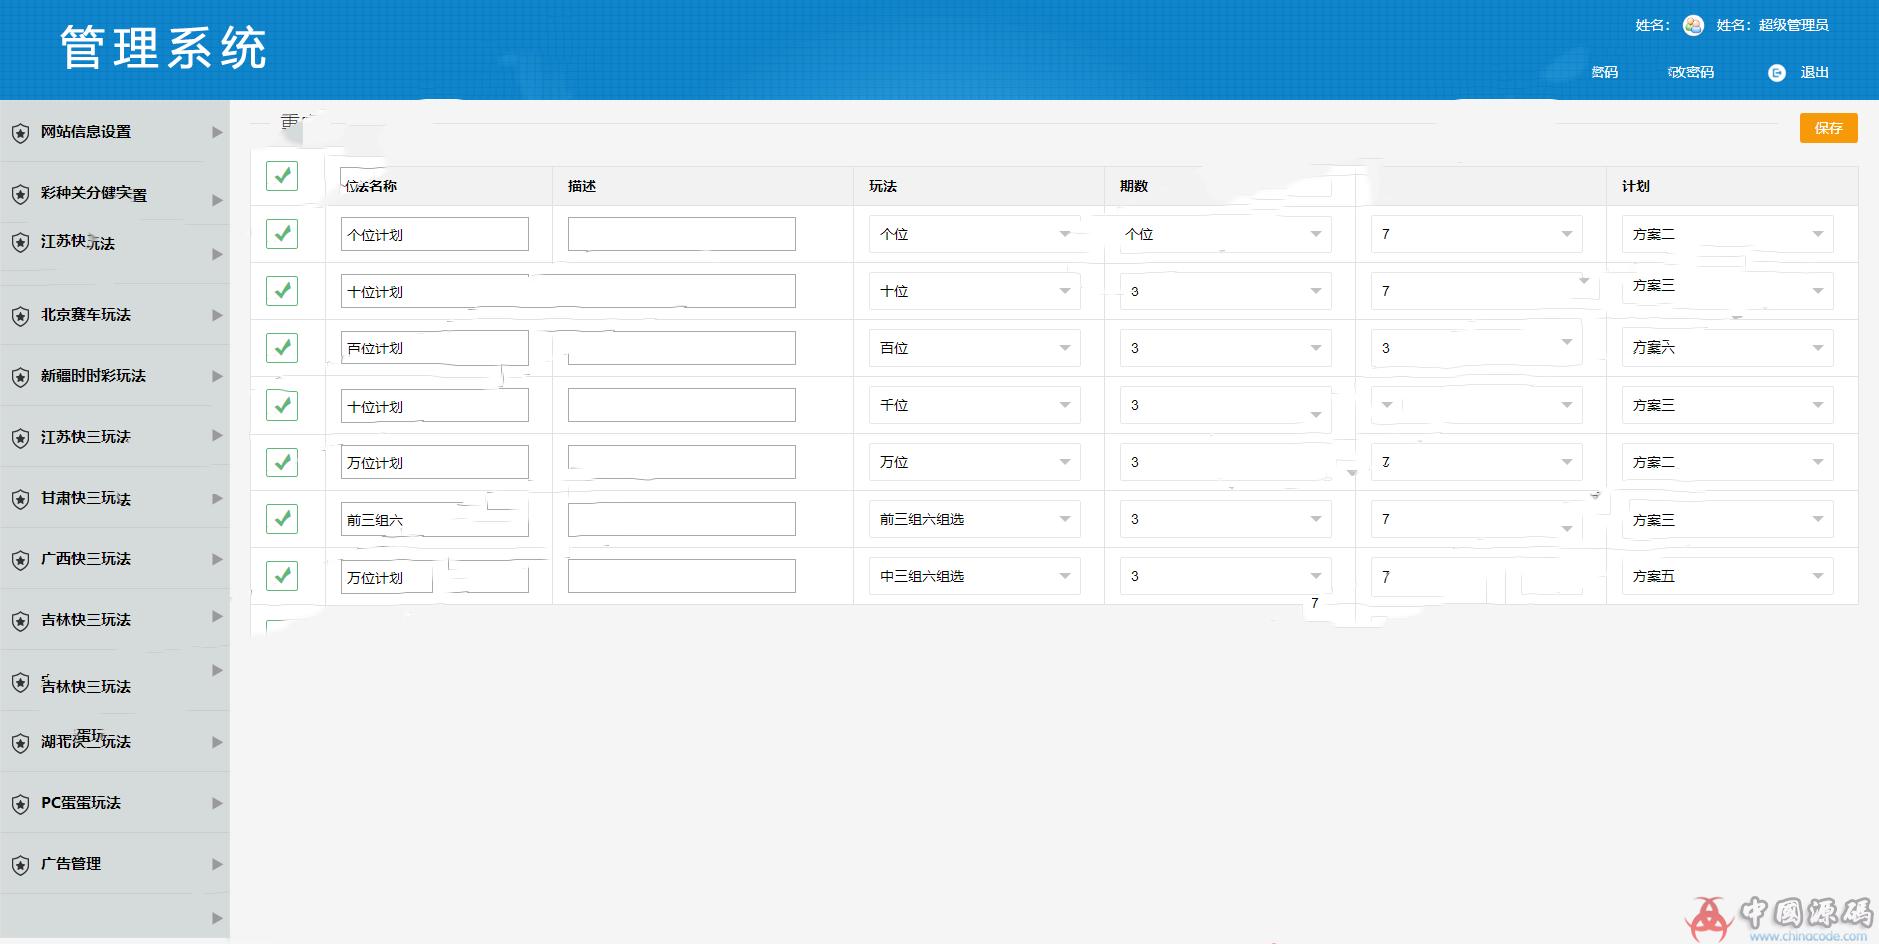 十合一自动CP计划自动开奖源码+完整后台功能+安装教程 网站-第2张